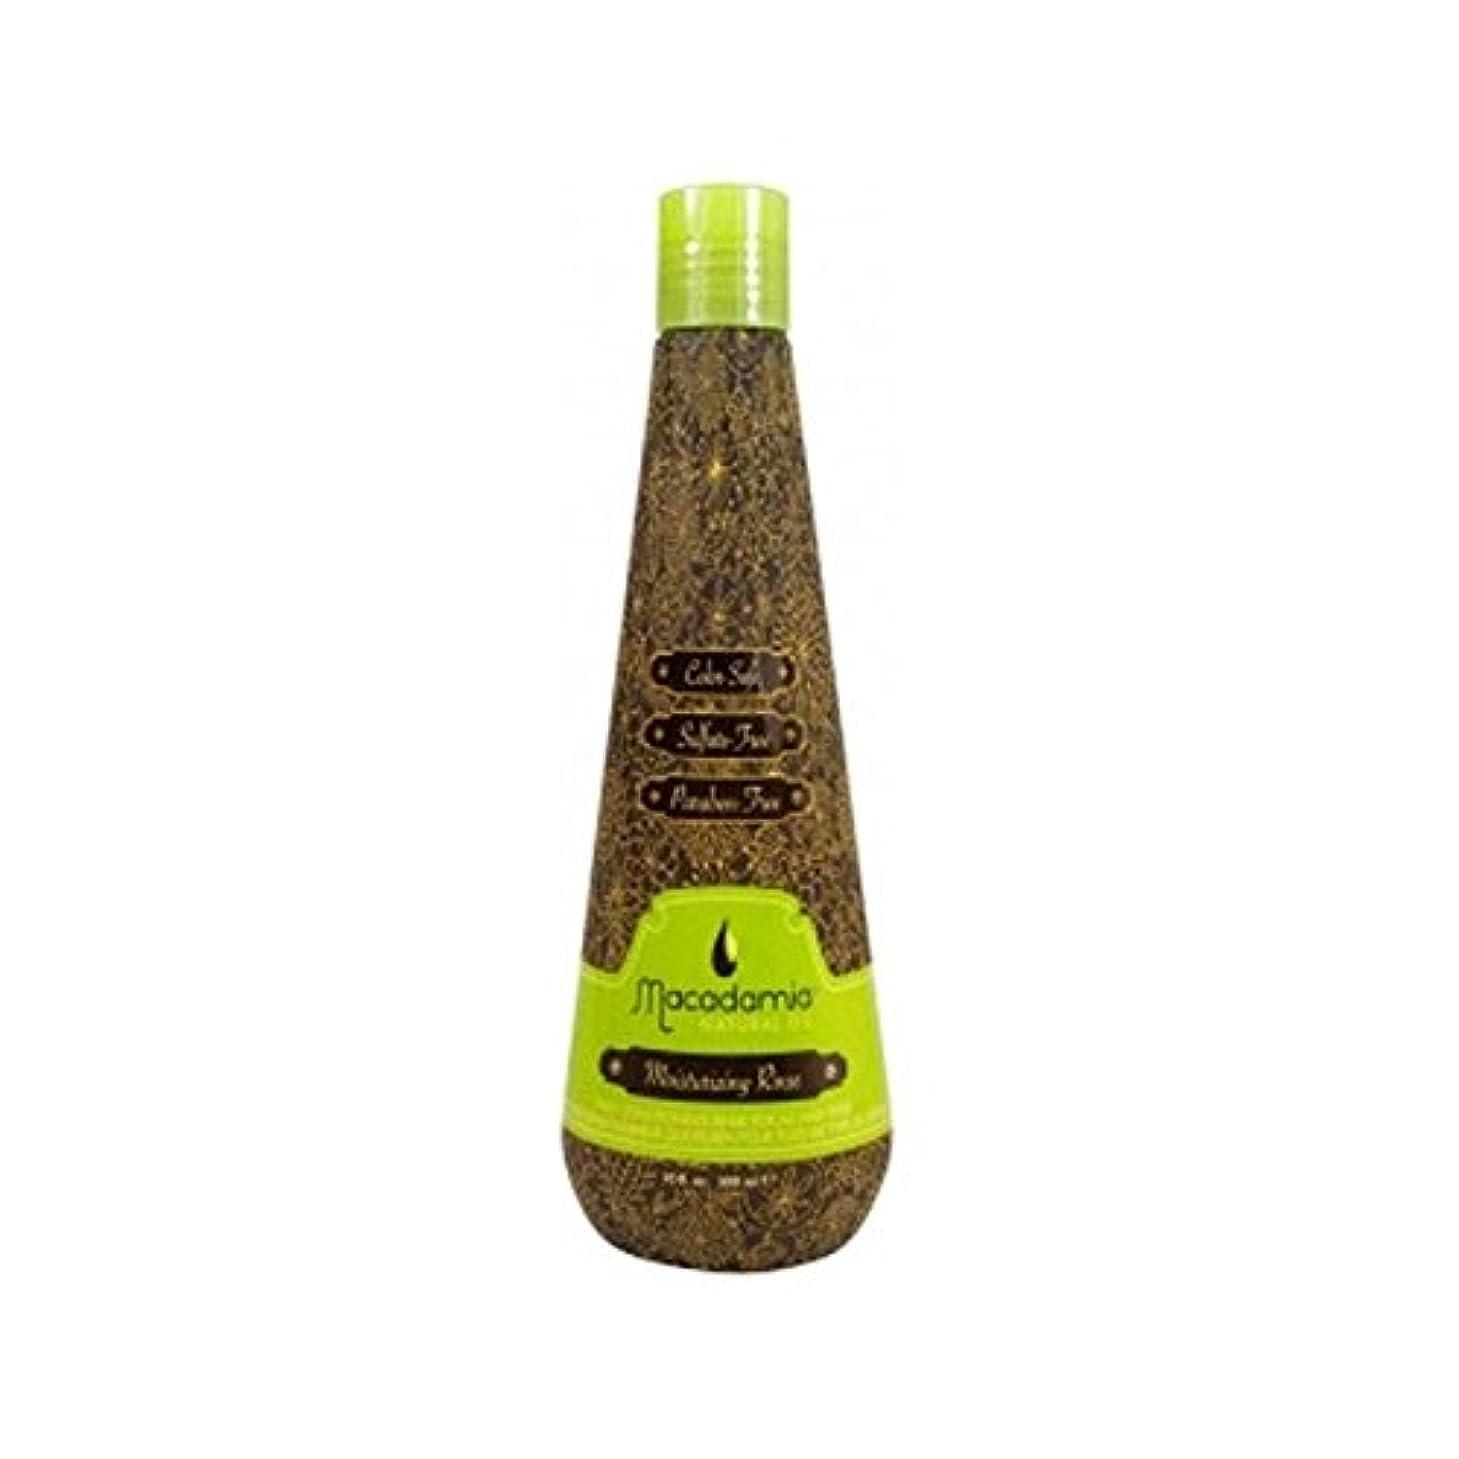 滅多汚れたもう一度Macadamia Moisturising Rinse (300ml) (Pack of 6) - マカダミア保湿リンス(300ミリリットル) x6 [並行輸入品]